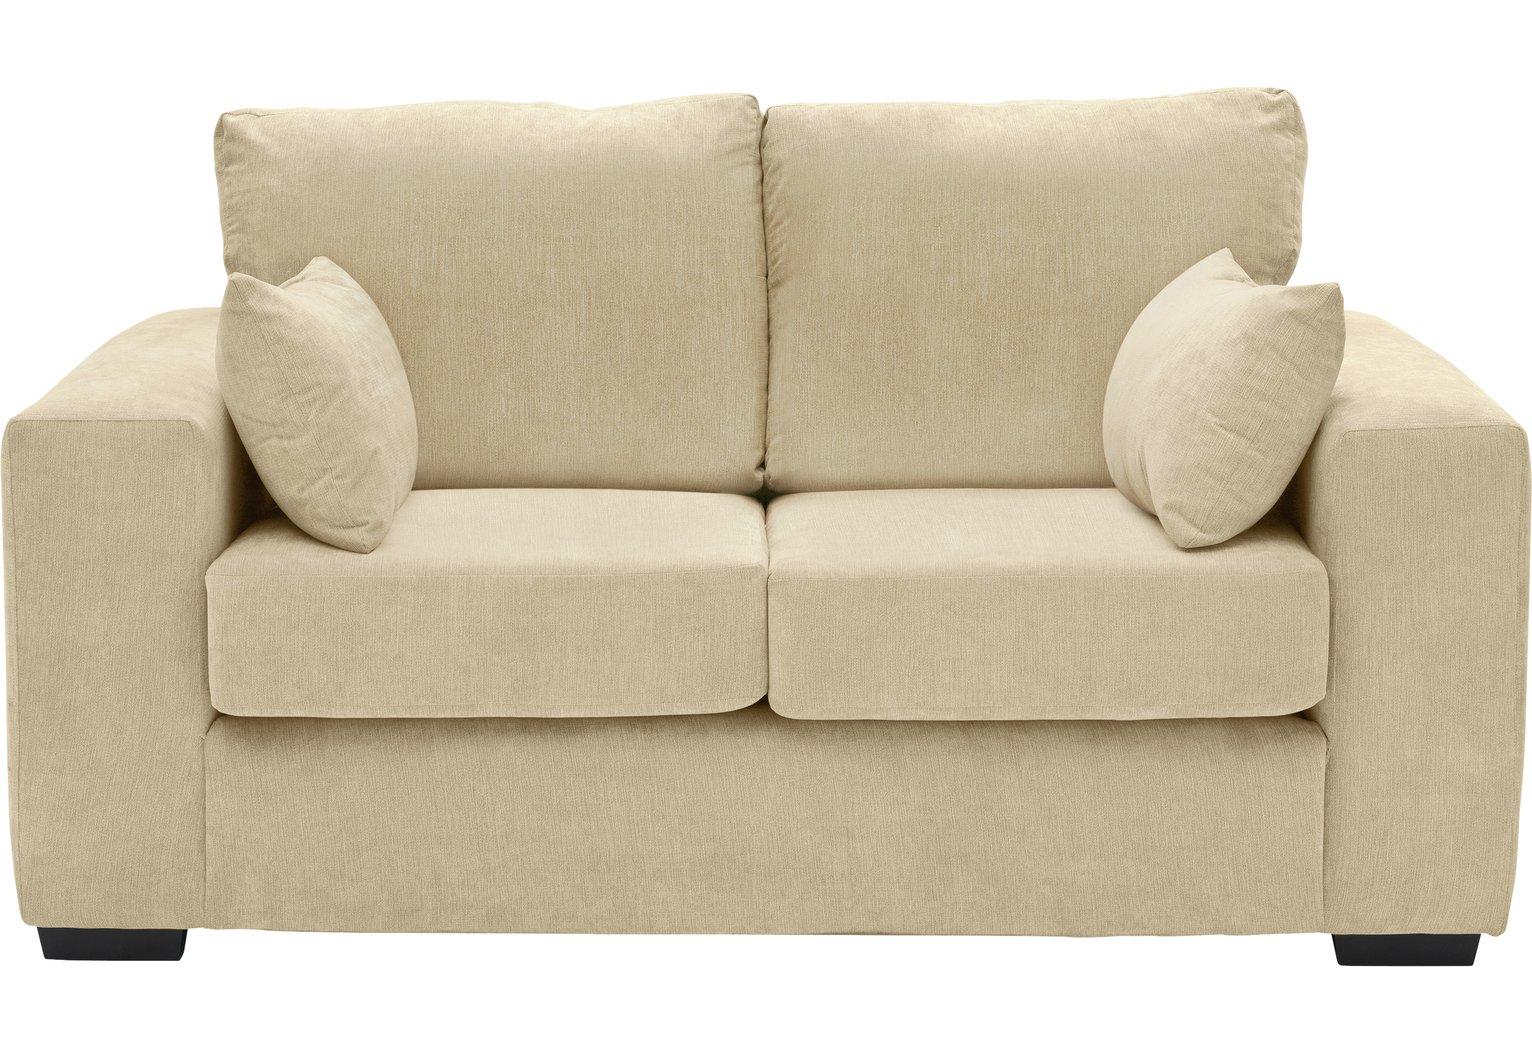 Argos Home Eton 2 Seater Fabric Sofa - Mink